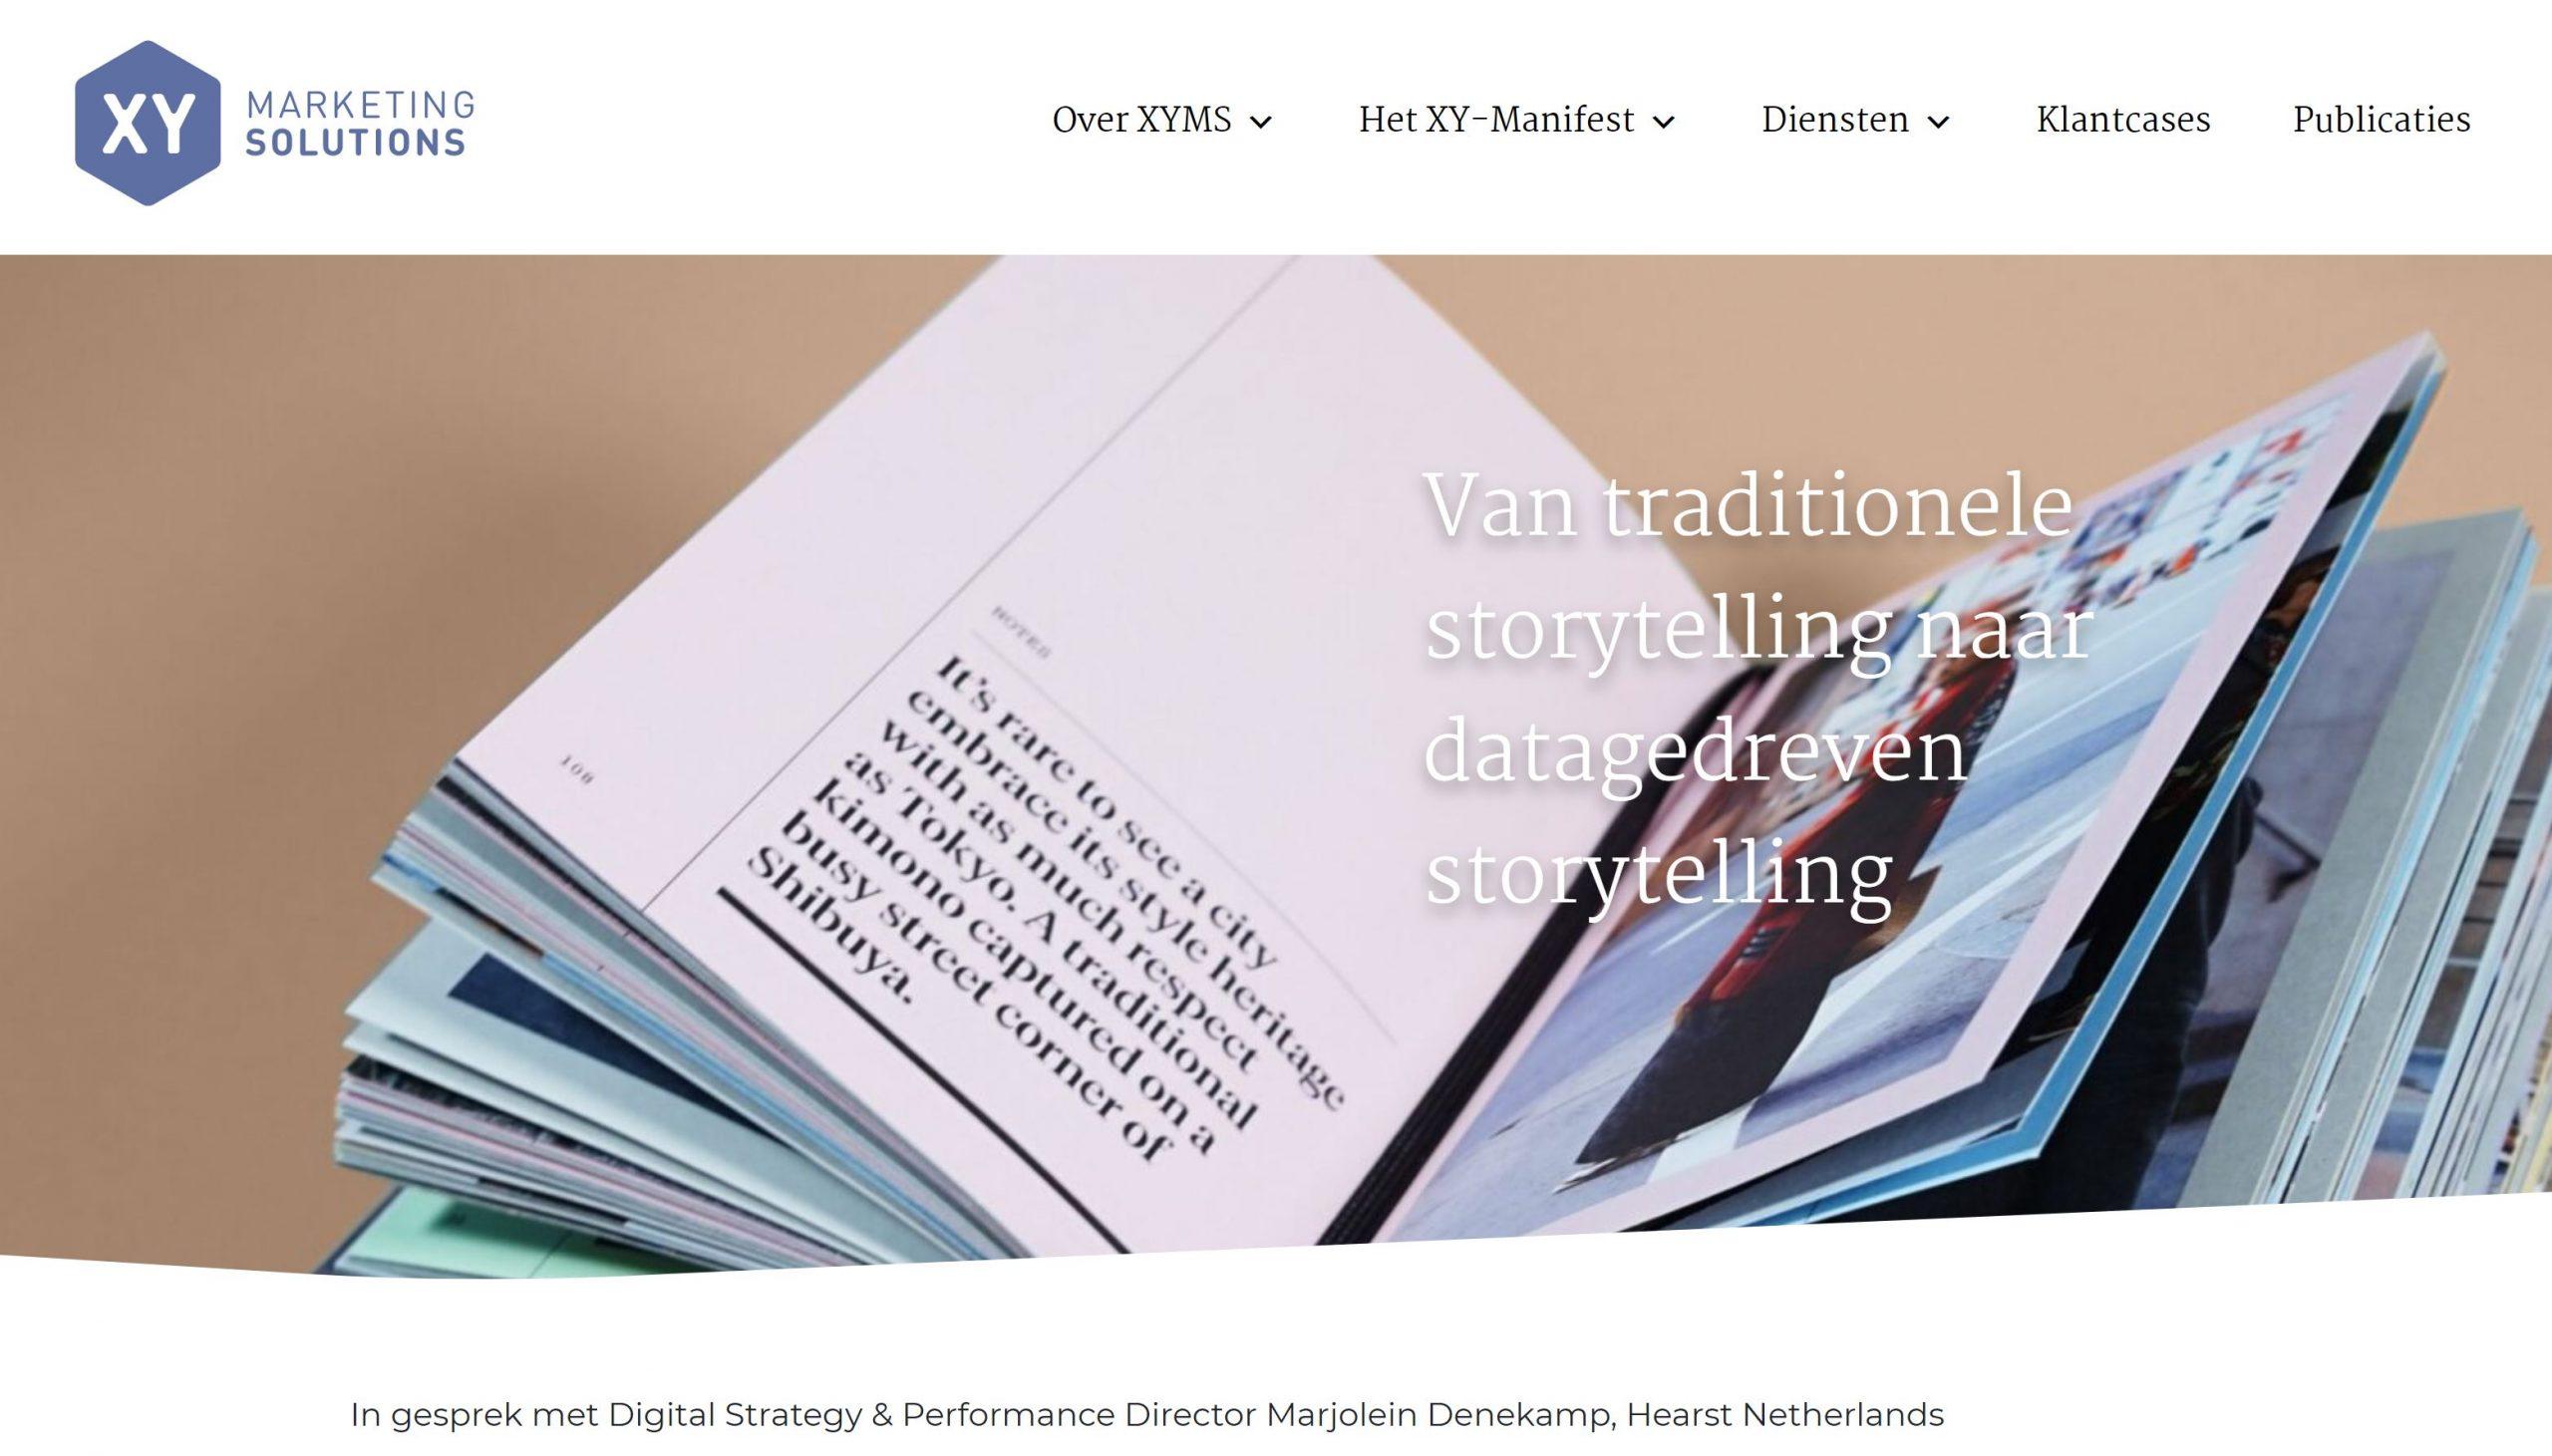 storytelling-datagedreven-titel-xyms